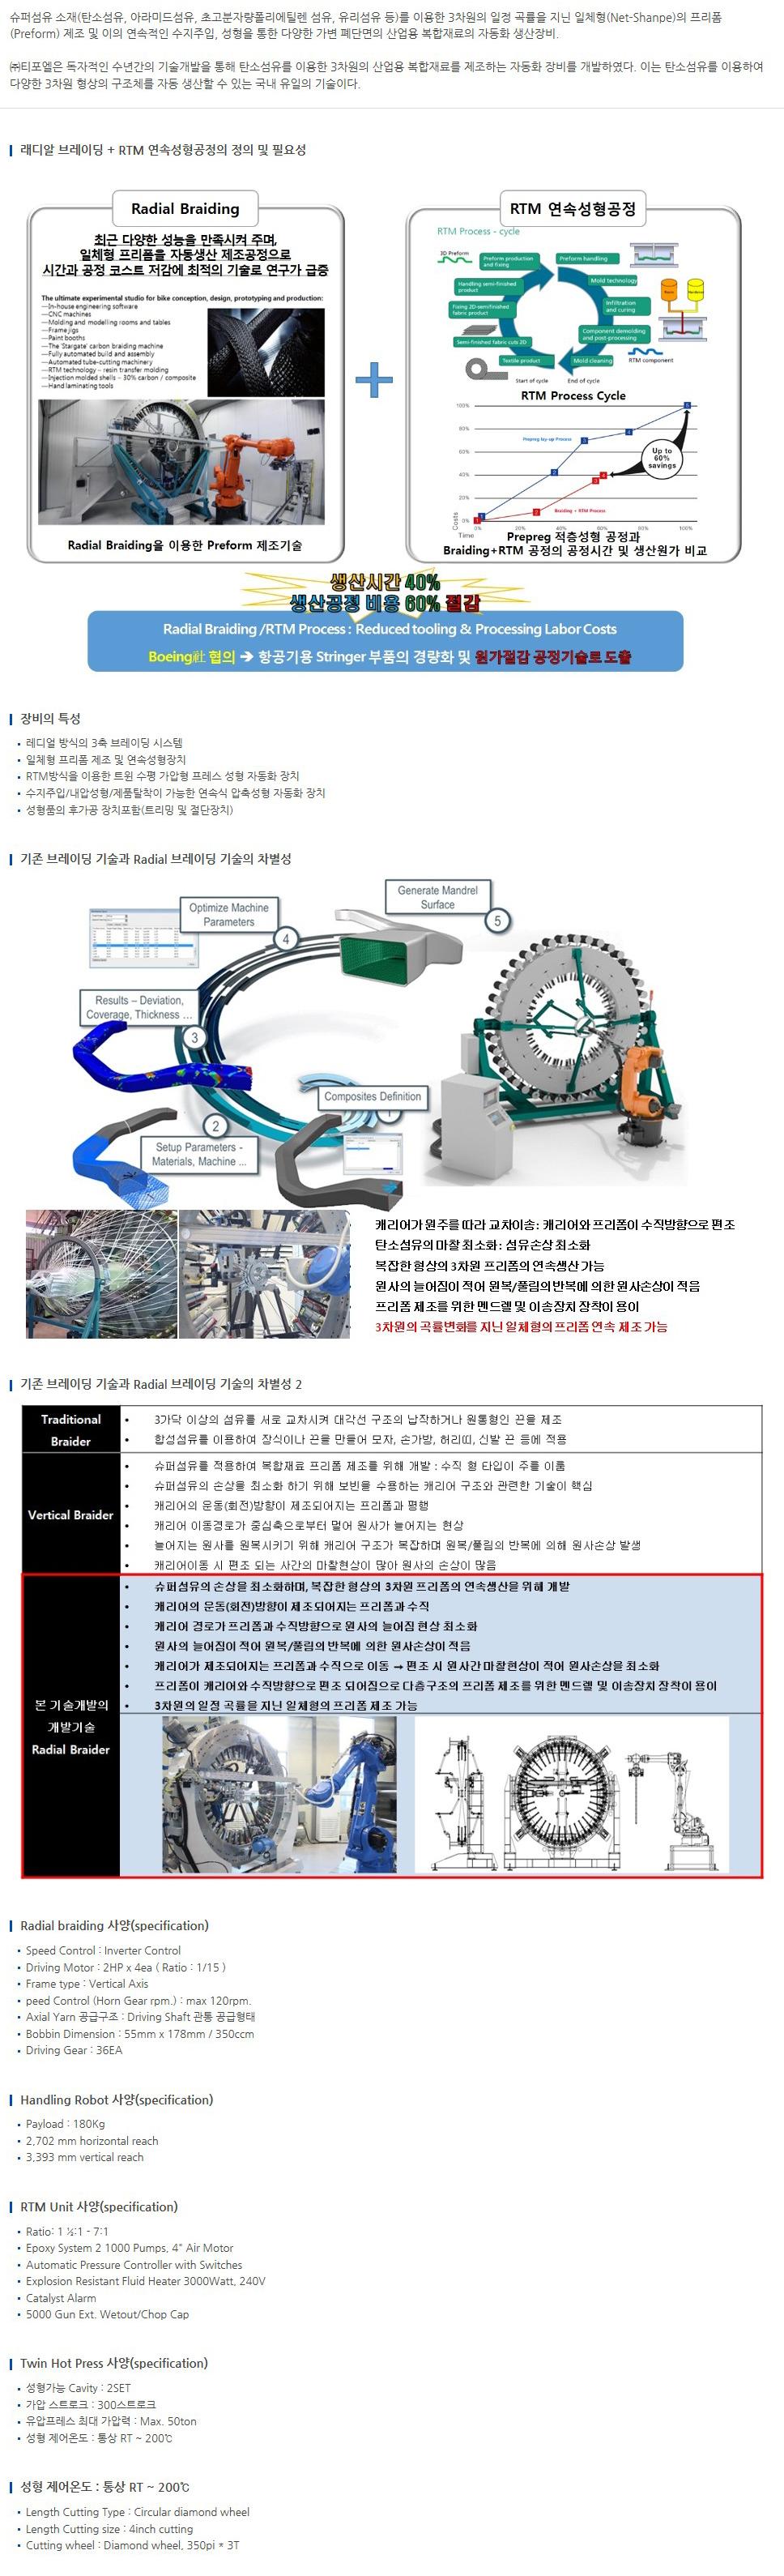 (주)티포엘 Robo Braiding & RTM Machine  1